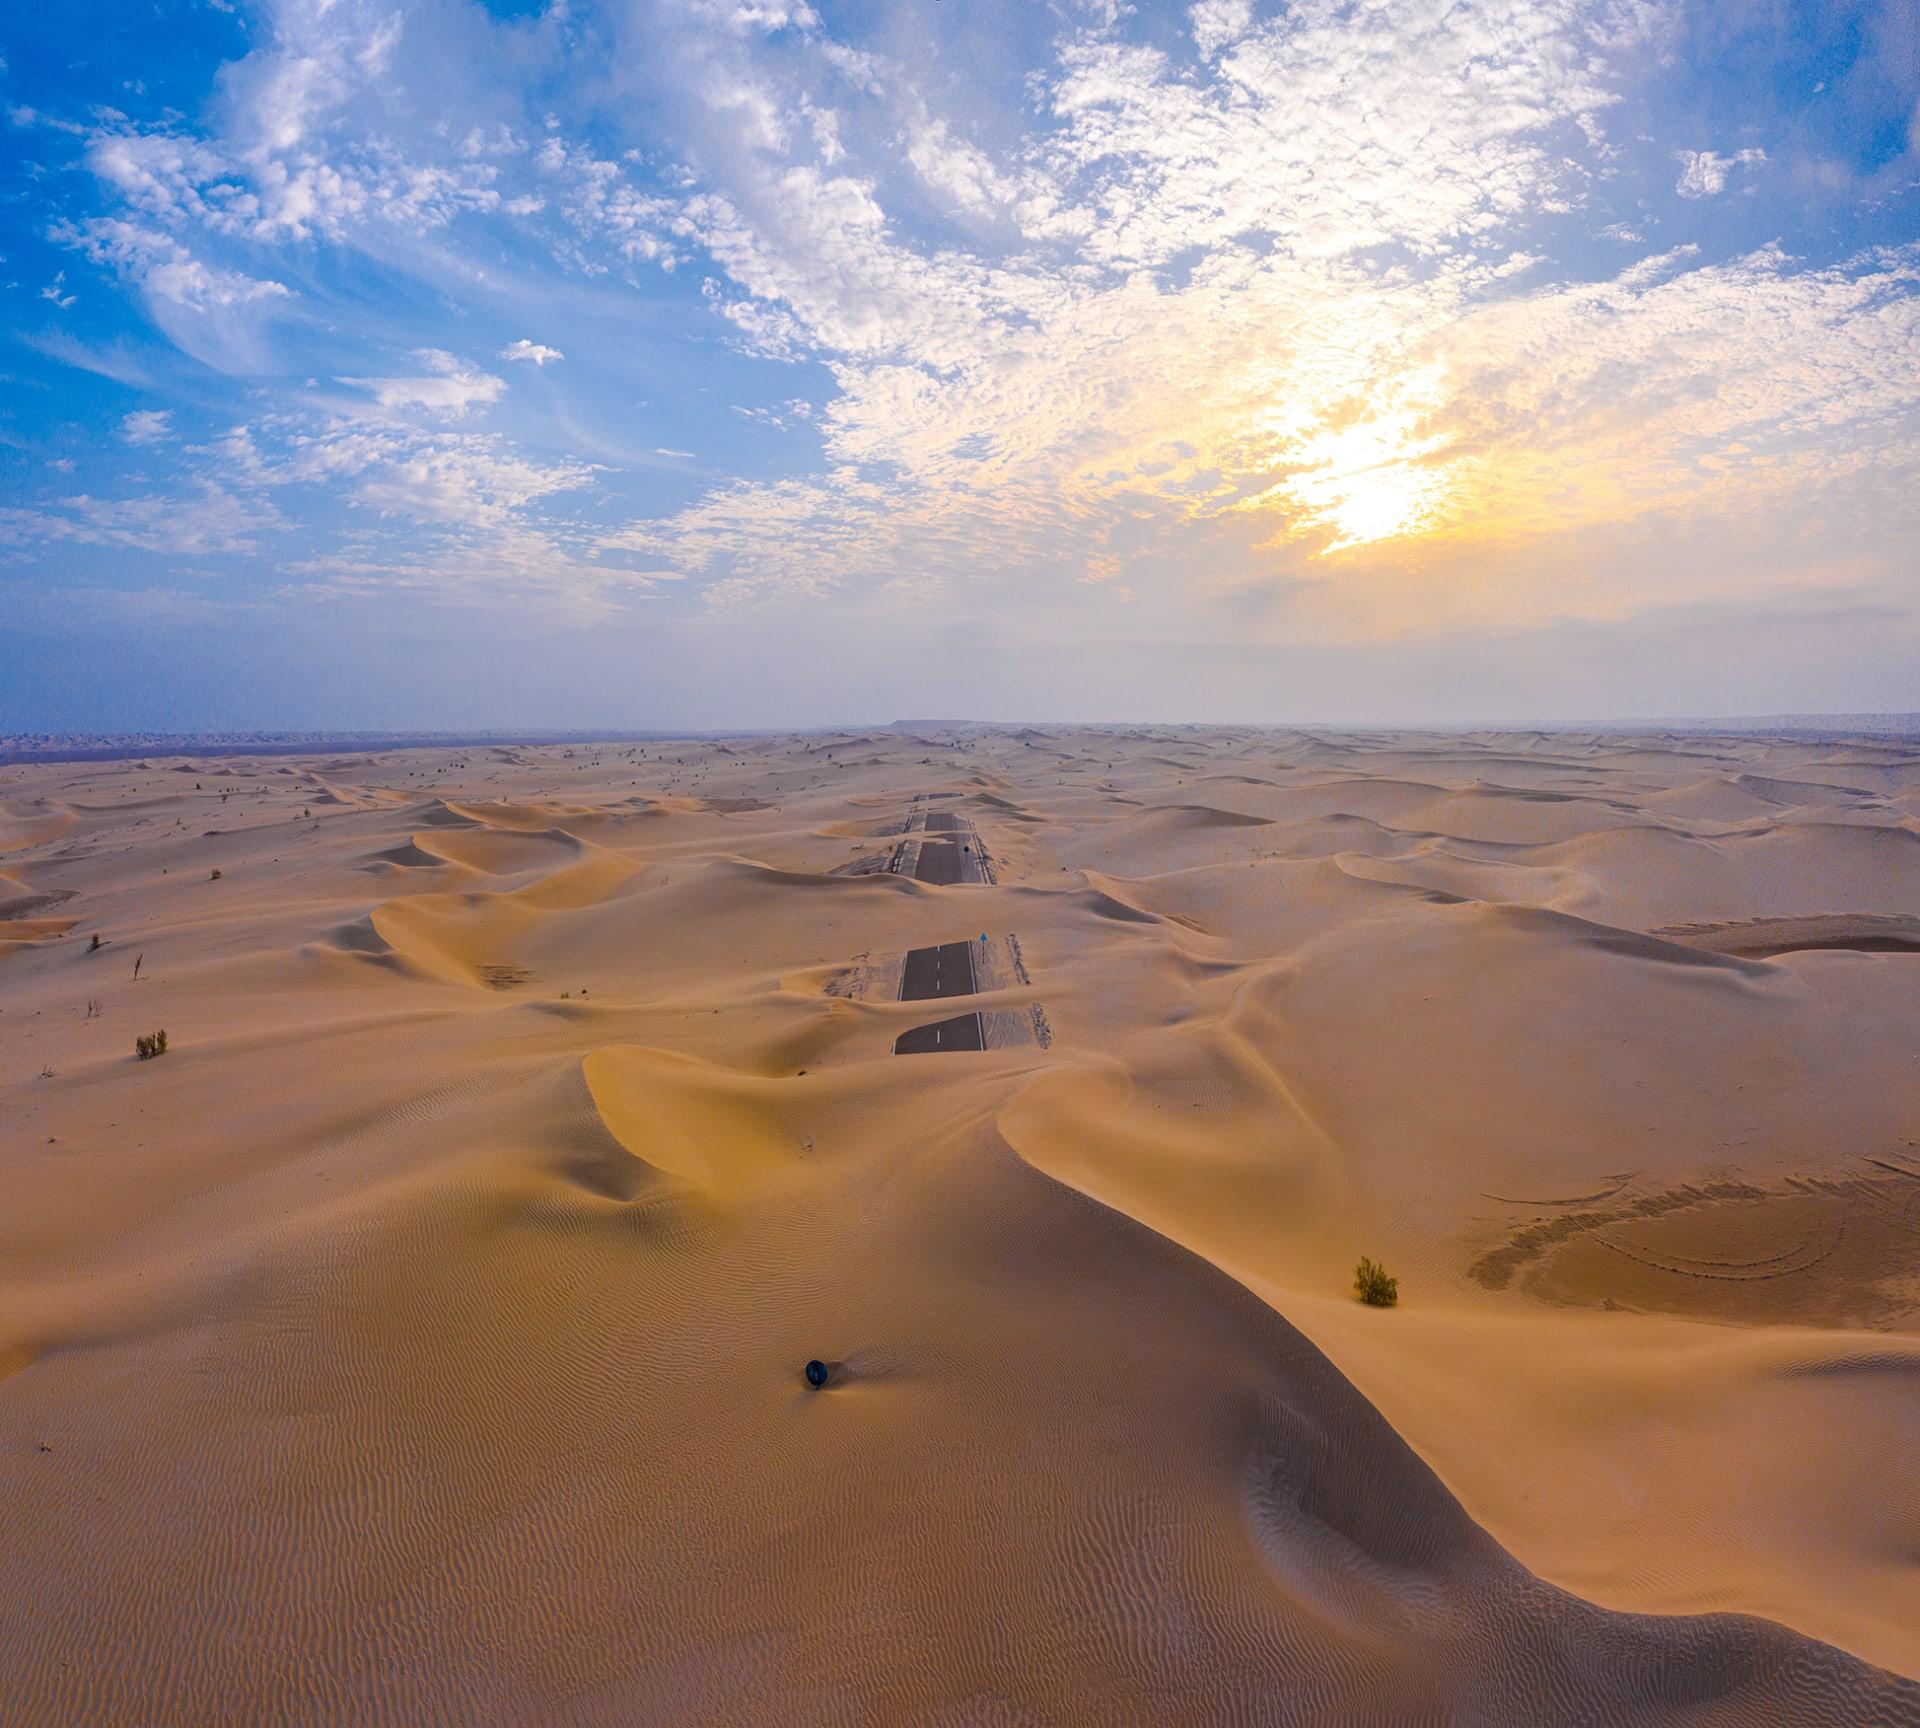 طريق مهجور غارق في بحر من رمال صحراء أبوظبي